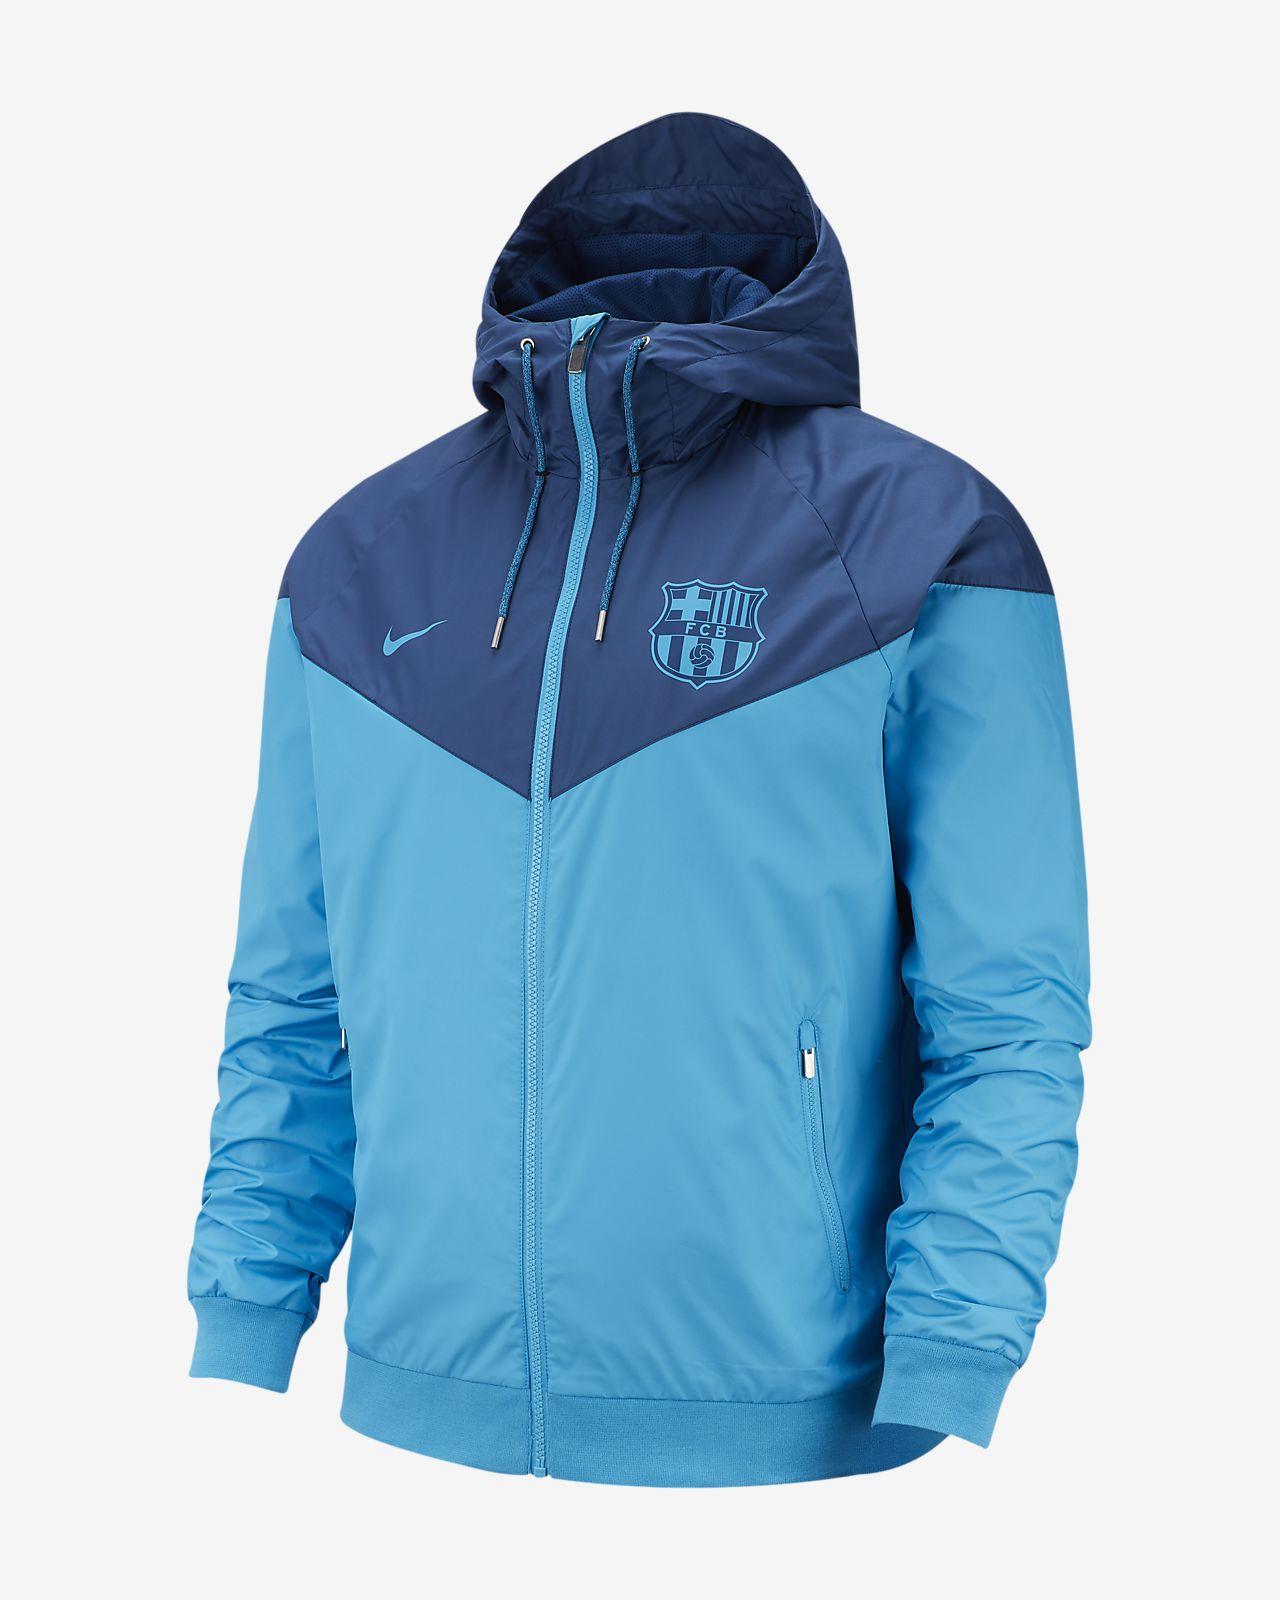 FC Barcelona Windrunner Chaqueta - Hombre. Nike.com ES c53ce9d9249